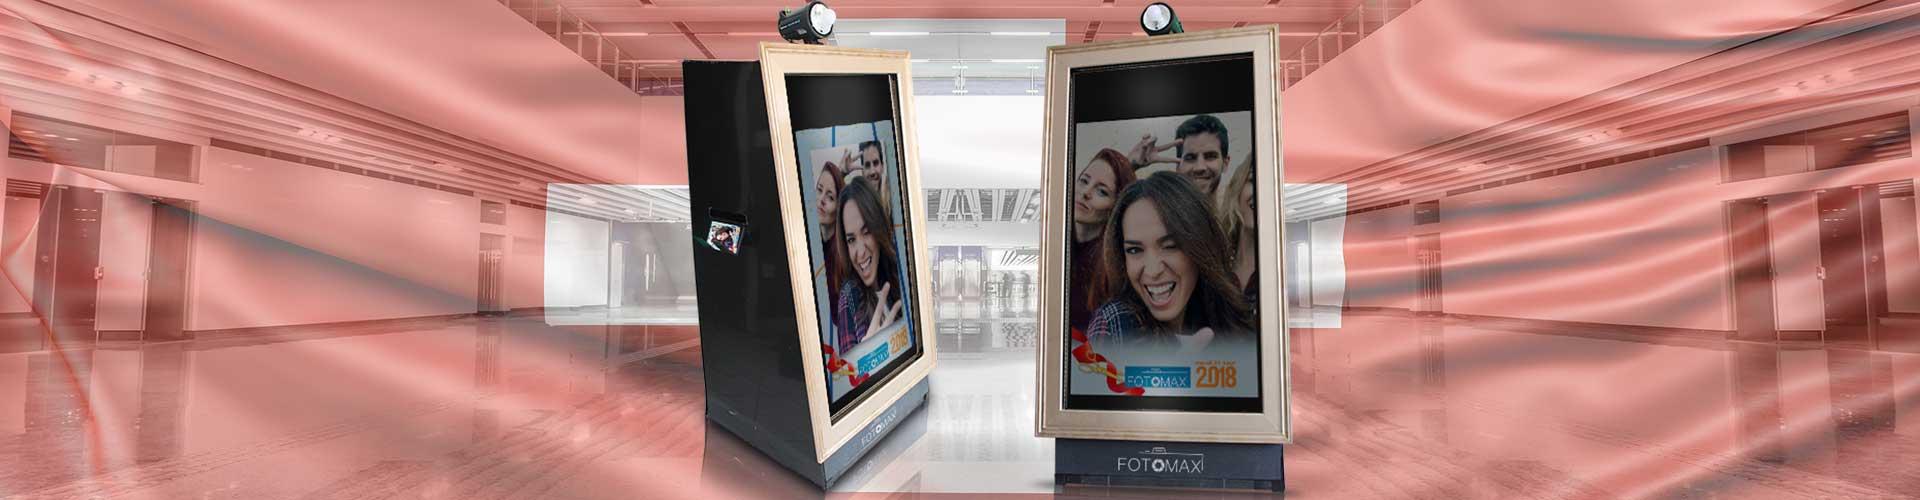 fotomax-background-slider-miroir-1-2-Miroir-Magique-Suisse-Geneve-Lausanne-Montreux-Photobooth-cabine-photo